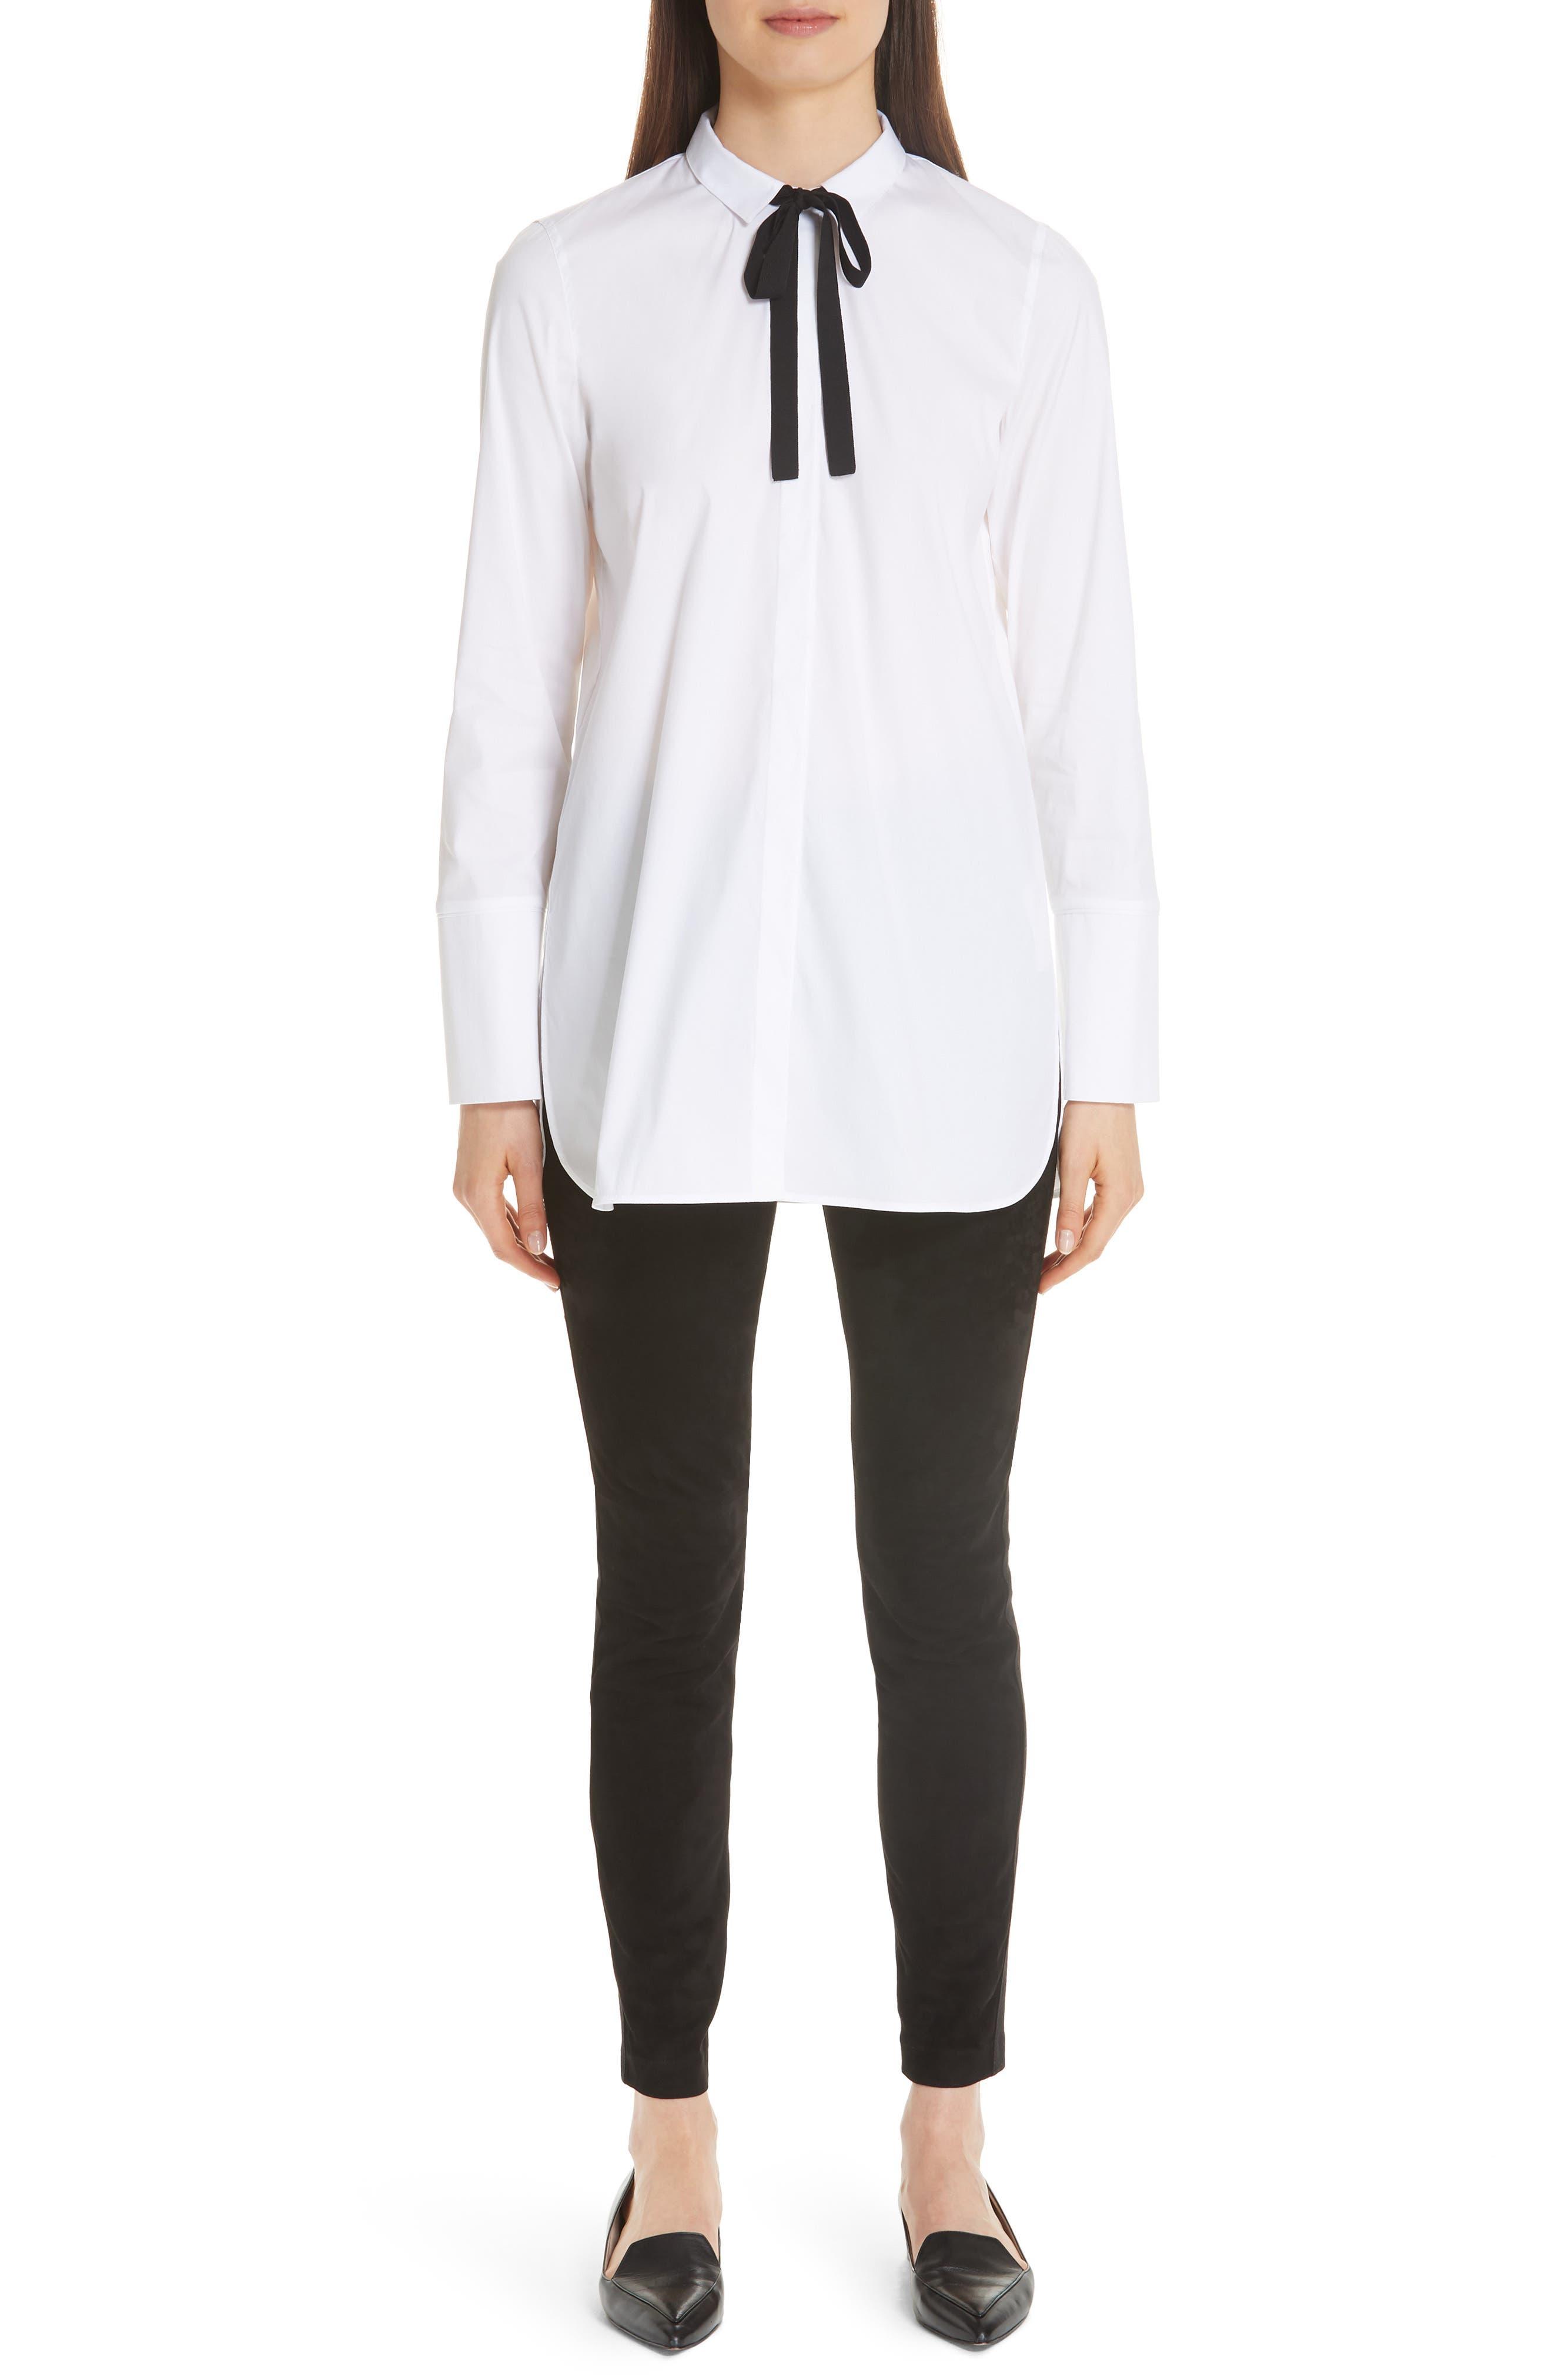 Annaliese Shirt,                             Alternate thumbnail 9, color,                             WHITE